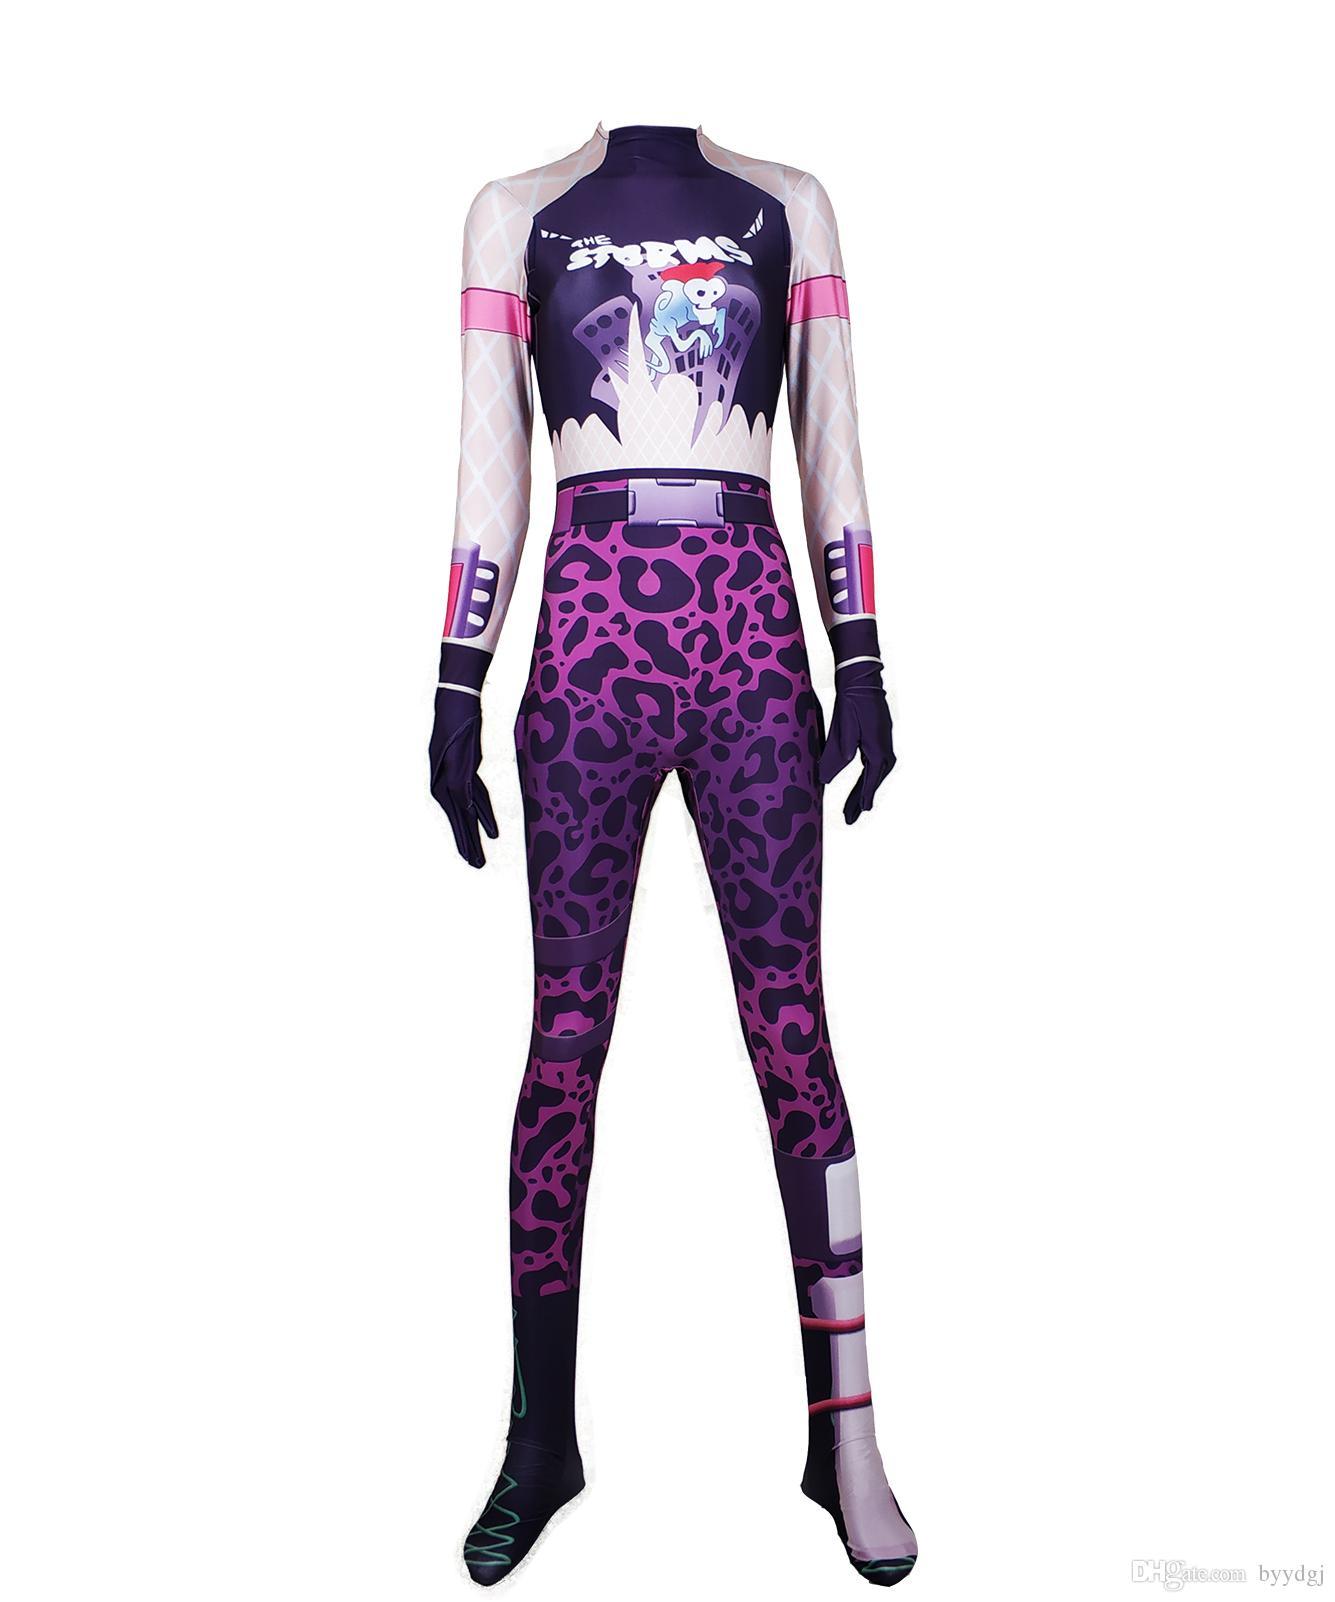 Kinderen Halloween.Halloween Leader Power Cosplay Costume Bodysuit Zentai Suit Kostuum Volwassenen Kinderen Kids